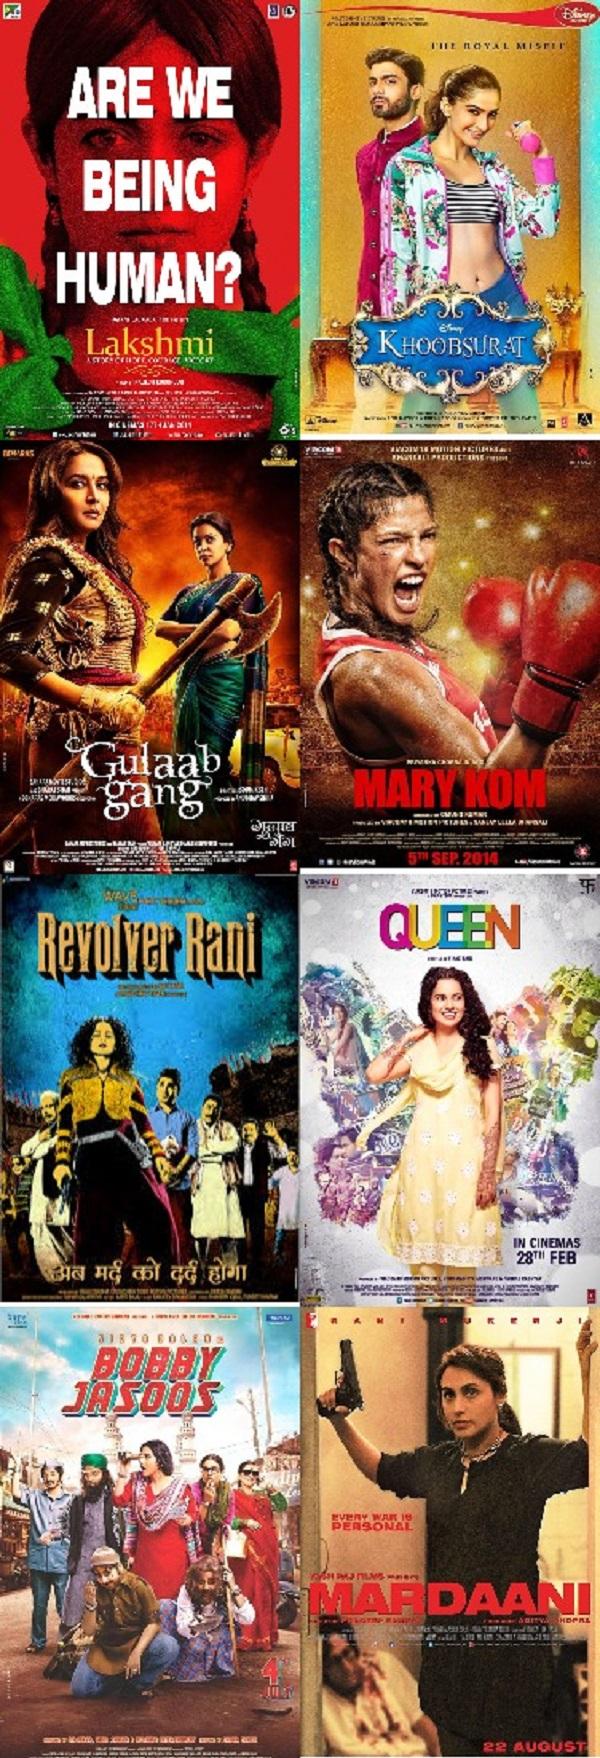 Women's Day Special: Rani Mukerji's Mardaani, Kangana Ranaut's Queen, Priyanka Chopra's Mary Kom, Sonam Kapoor's Khoobsurat – women centric films that rocked last year!